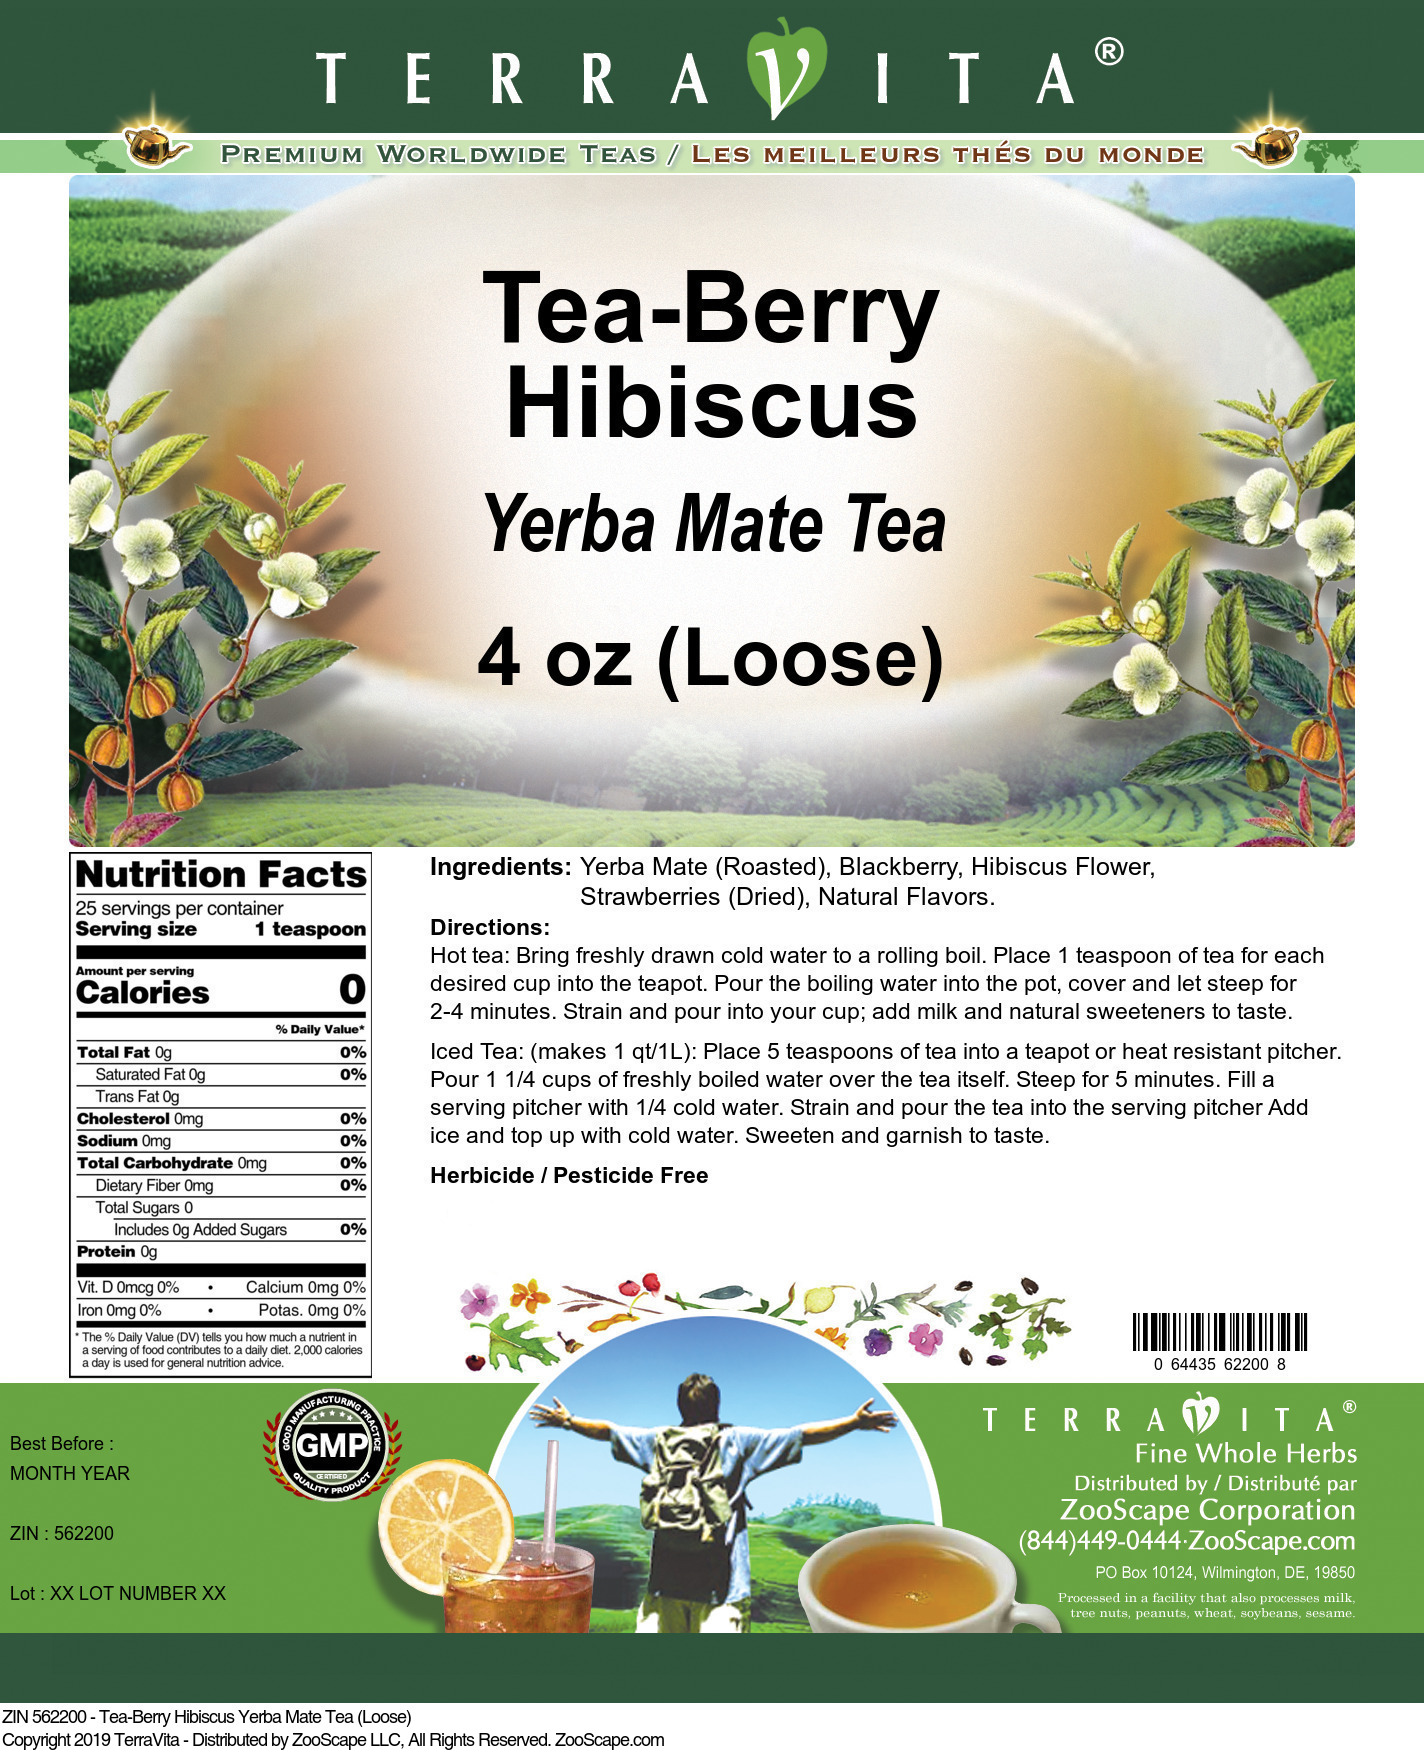 Tea-Berry Hibiscus Yerba Mate Tea (Loose)